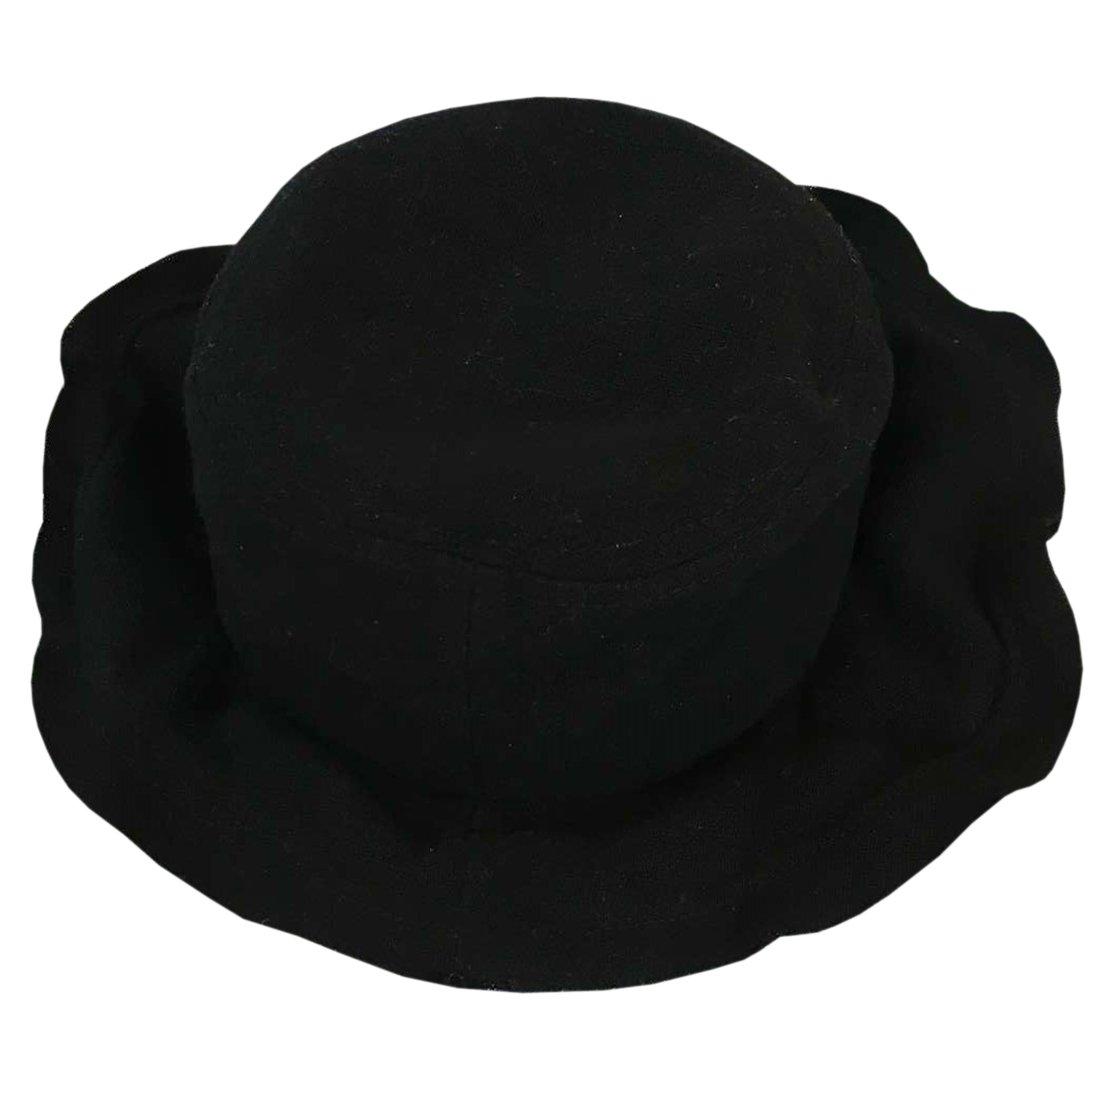 ACVIP Little Girls Harajuku Style Packable Bucket Hat Summer Sun Cap